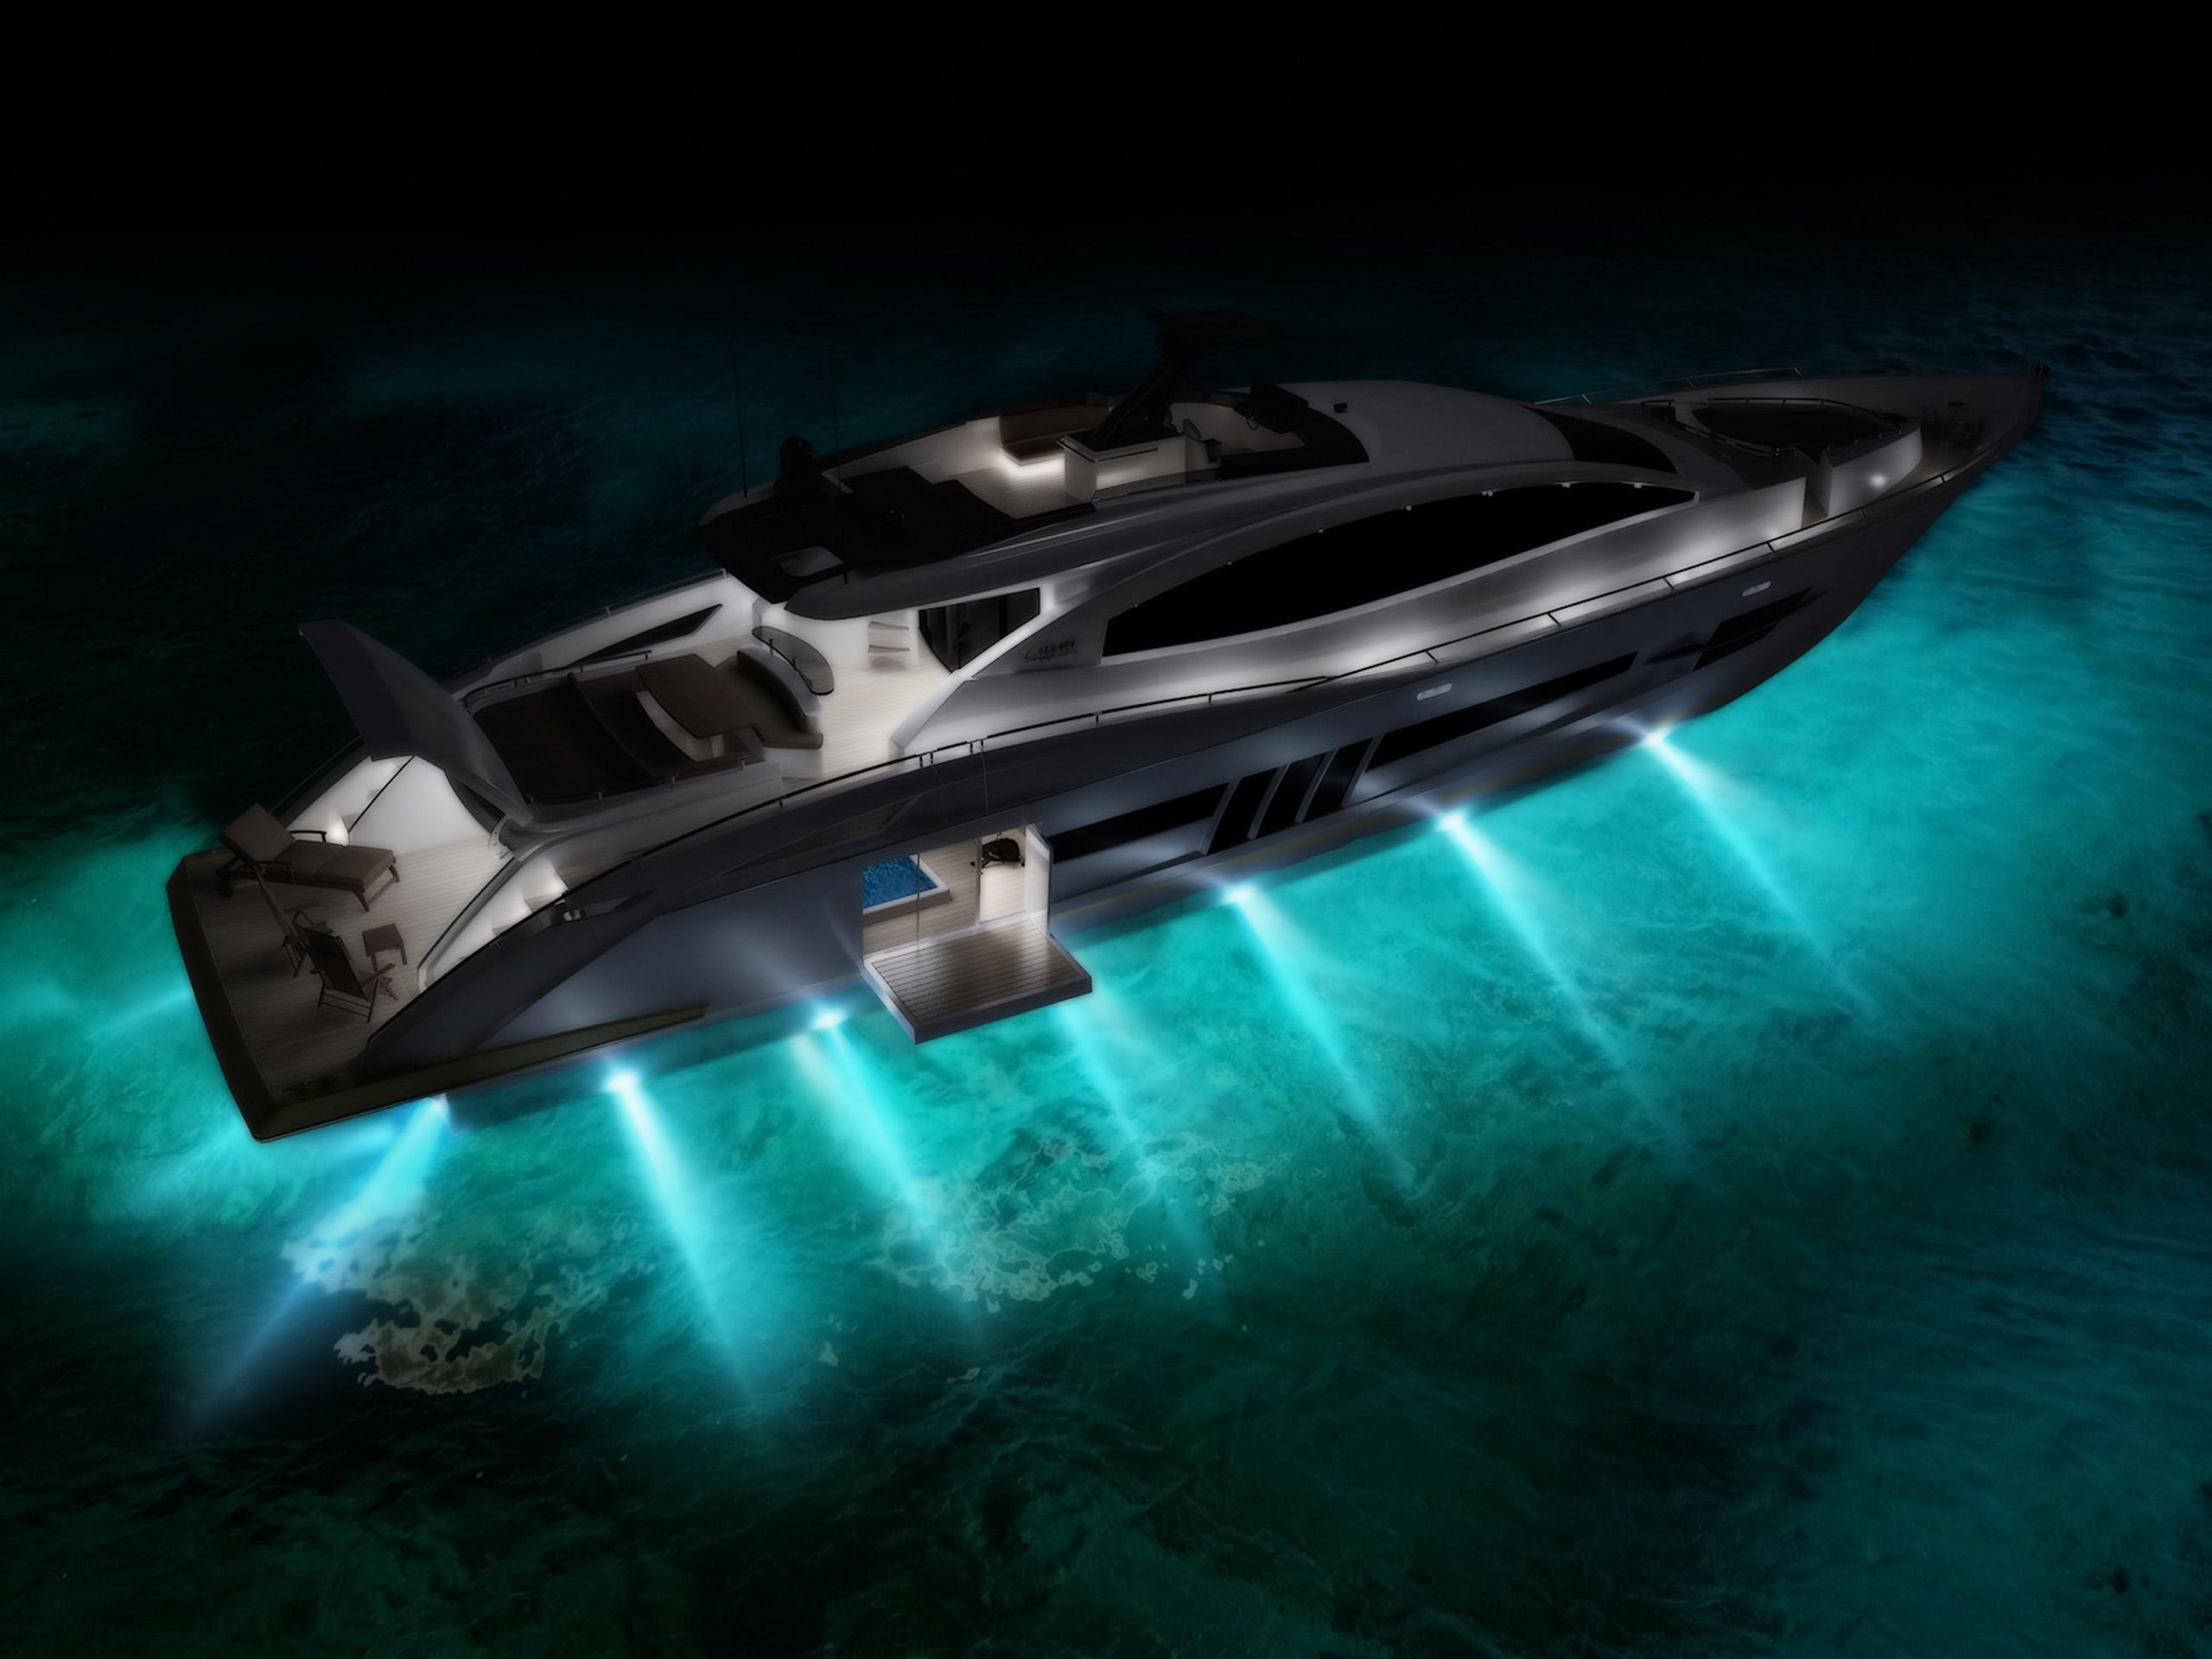 lazzara yachts lsx ninety two night